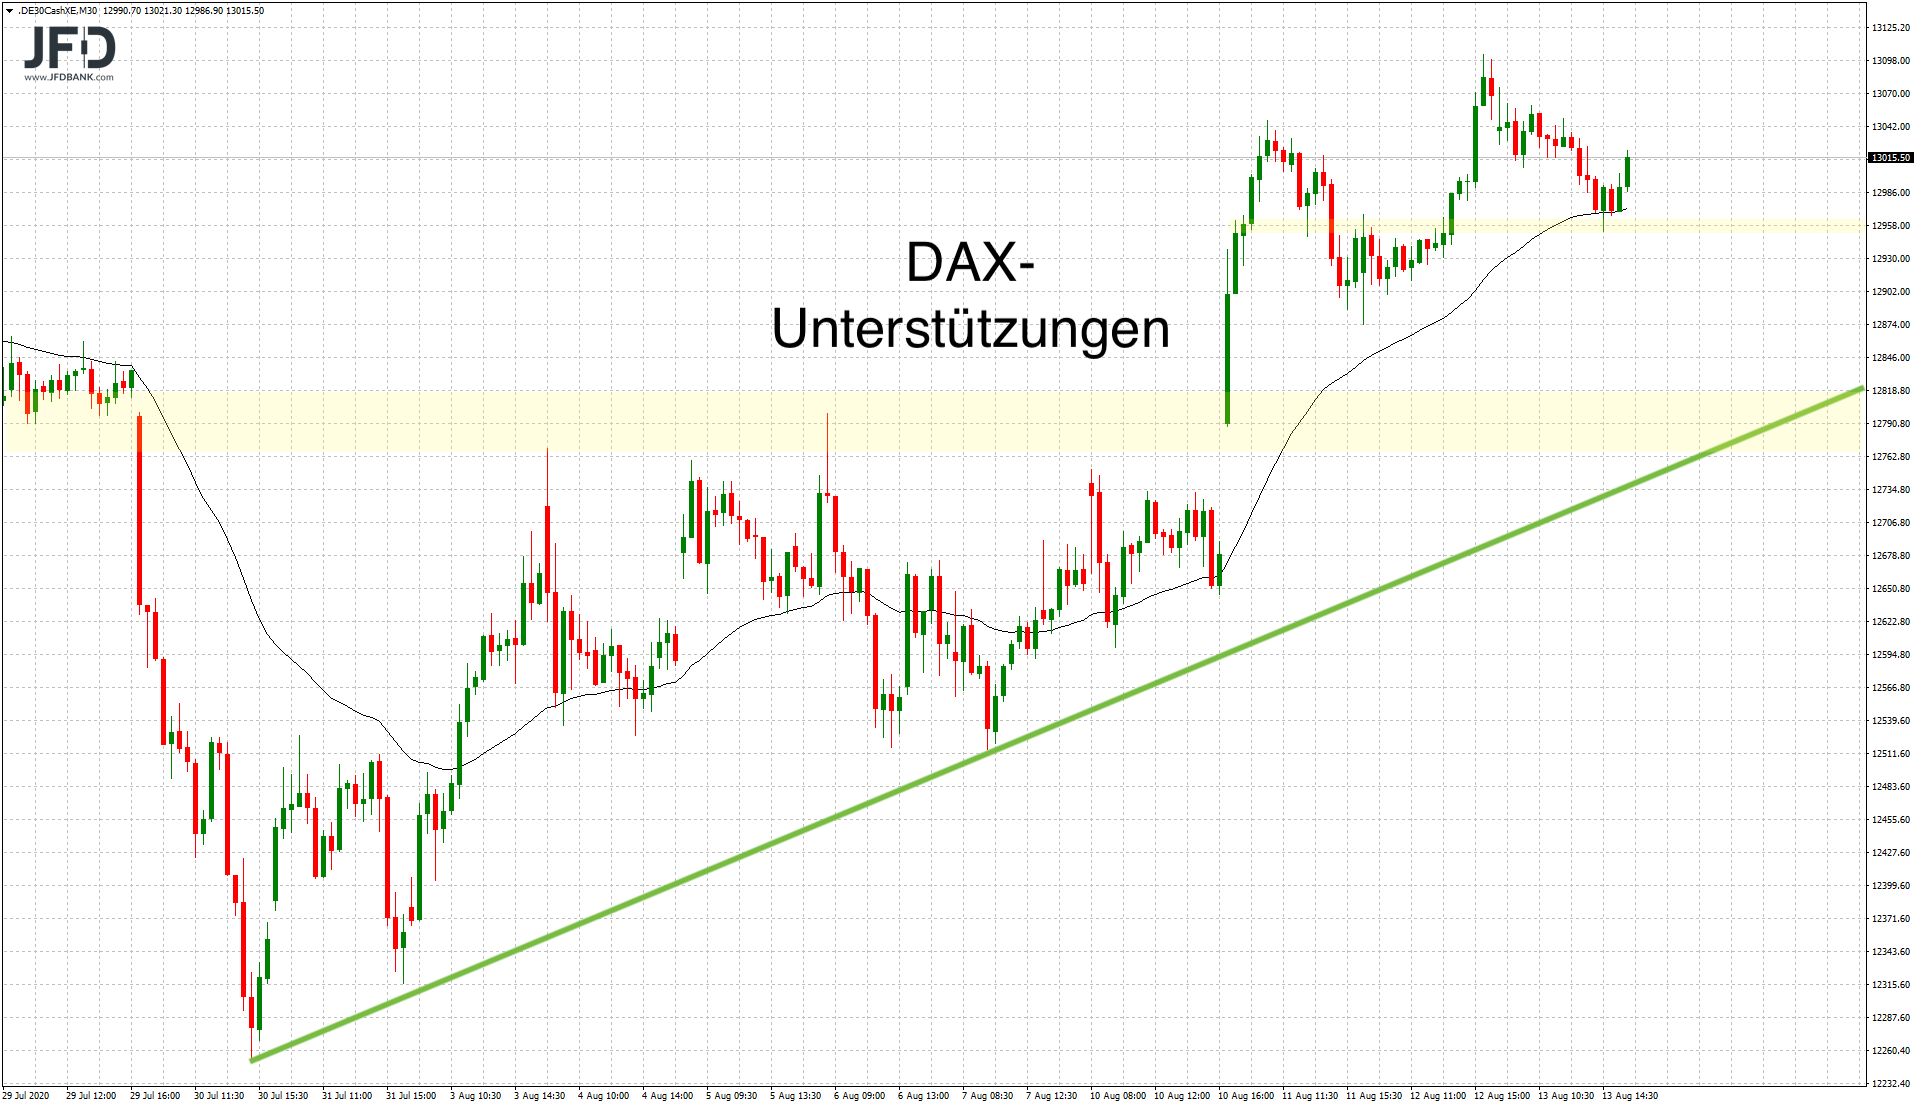 DAX-Unterstützungen im Blick